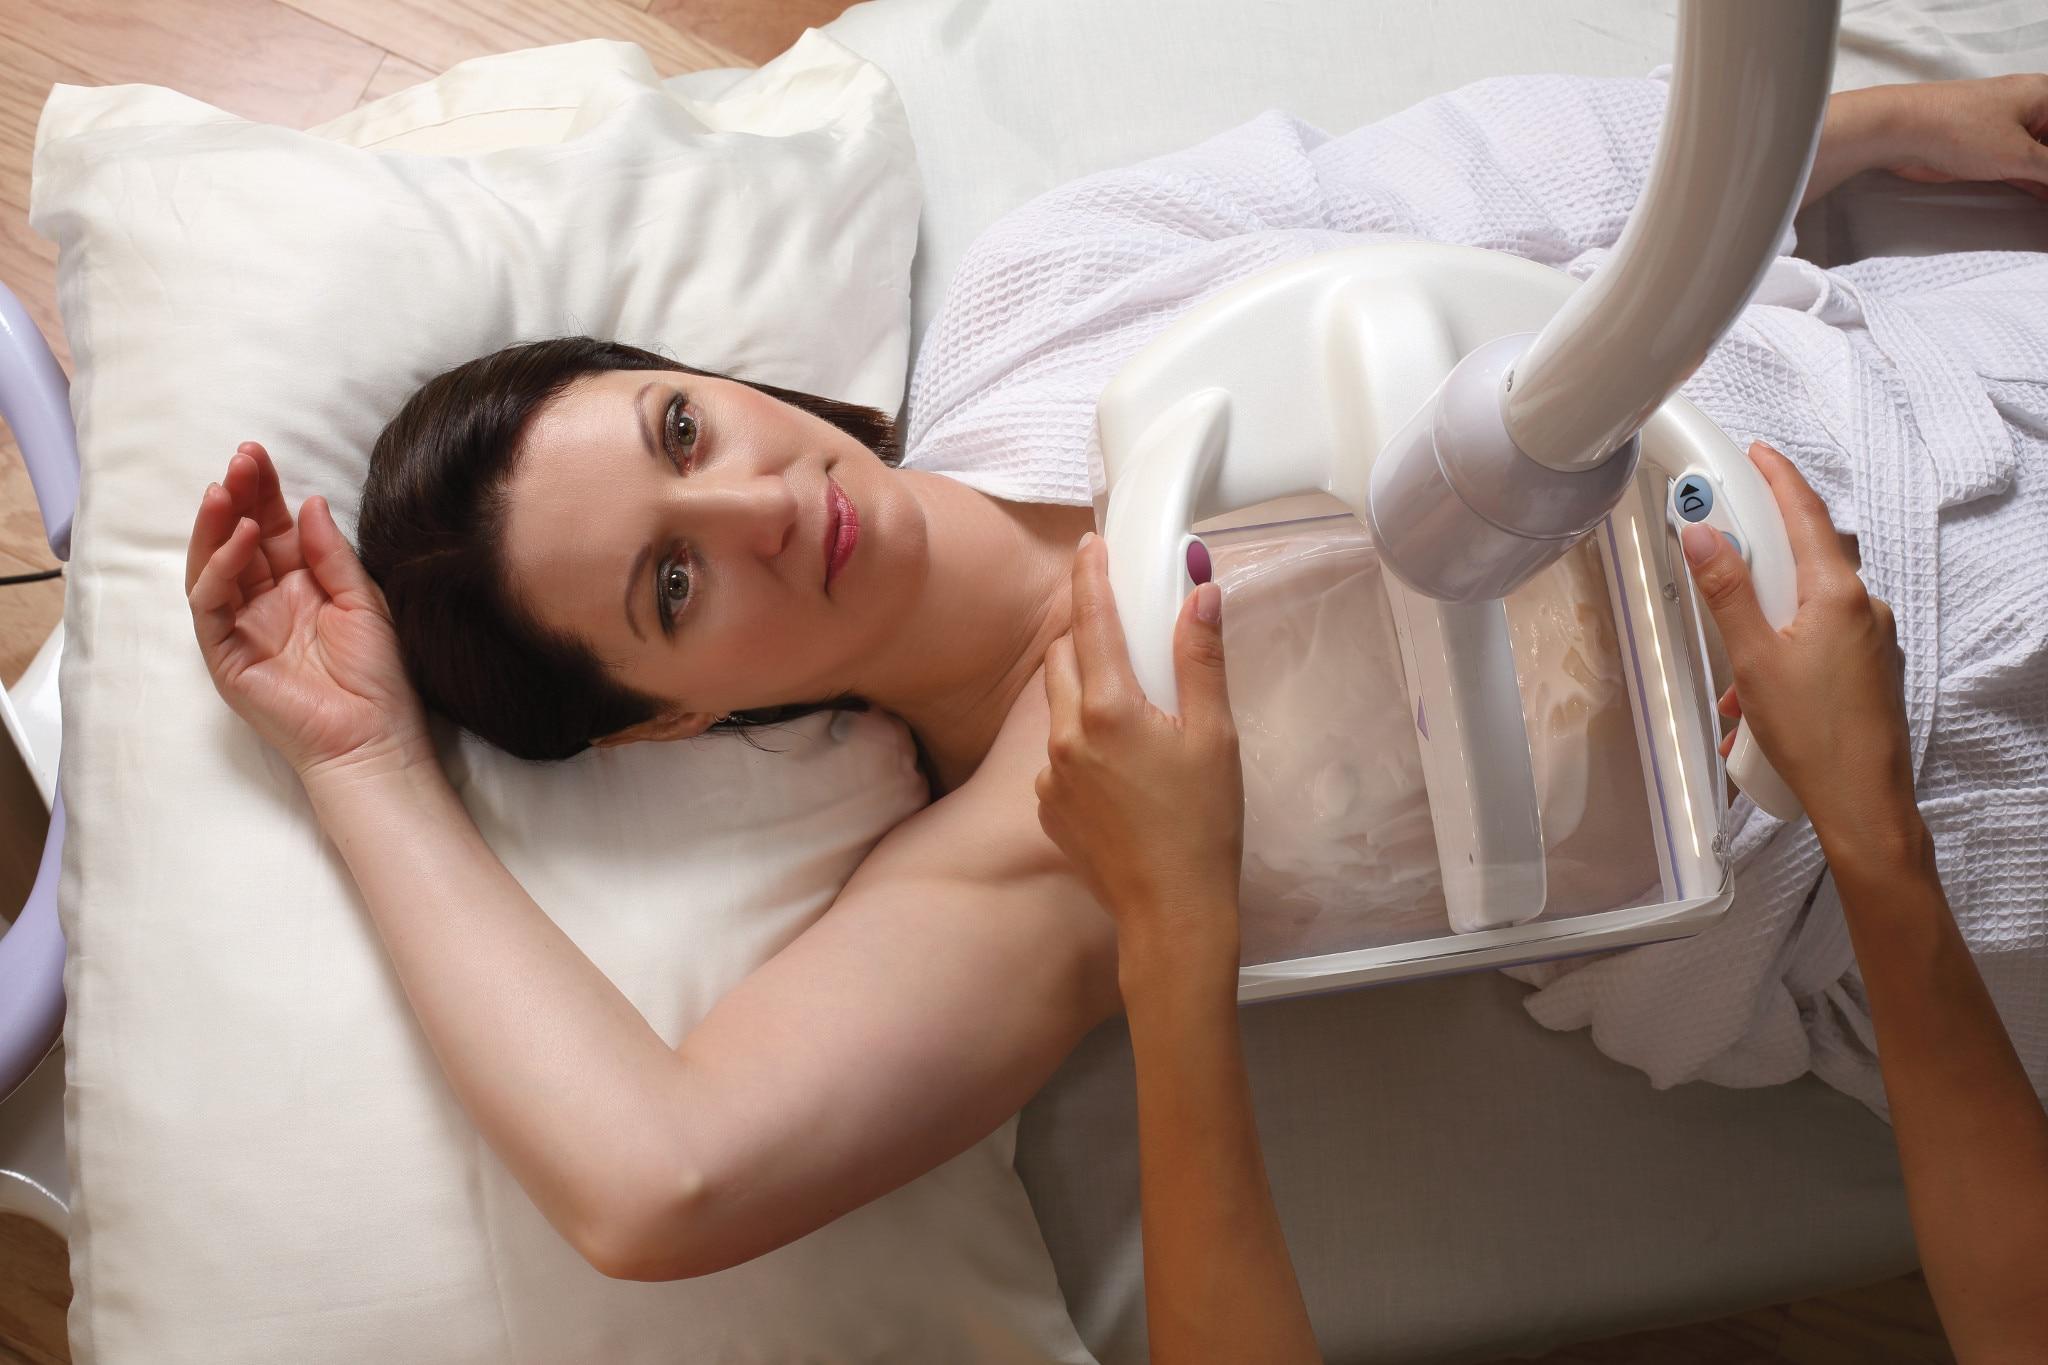 Invenia ABUS screening a patient